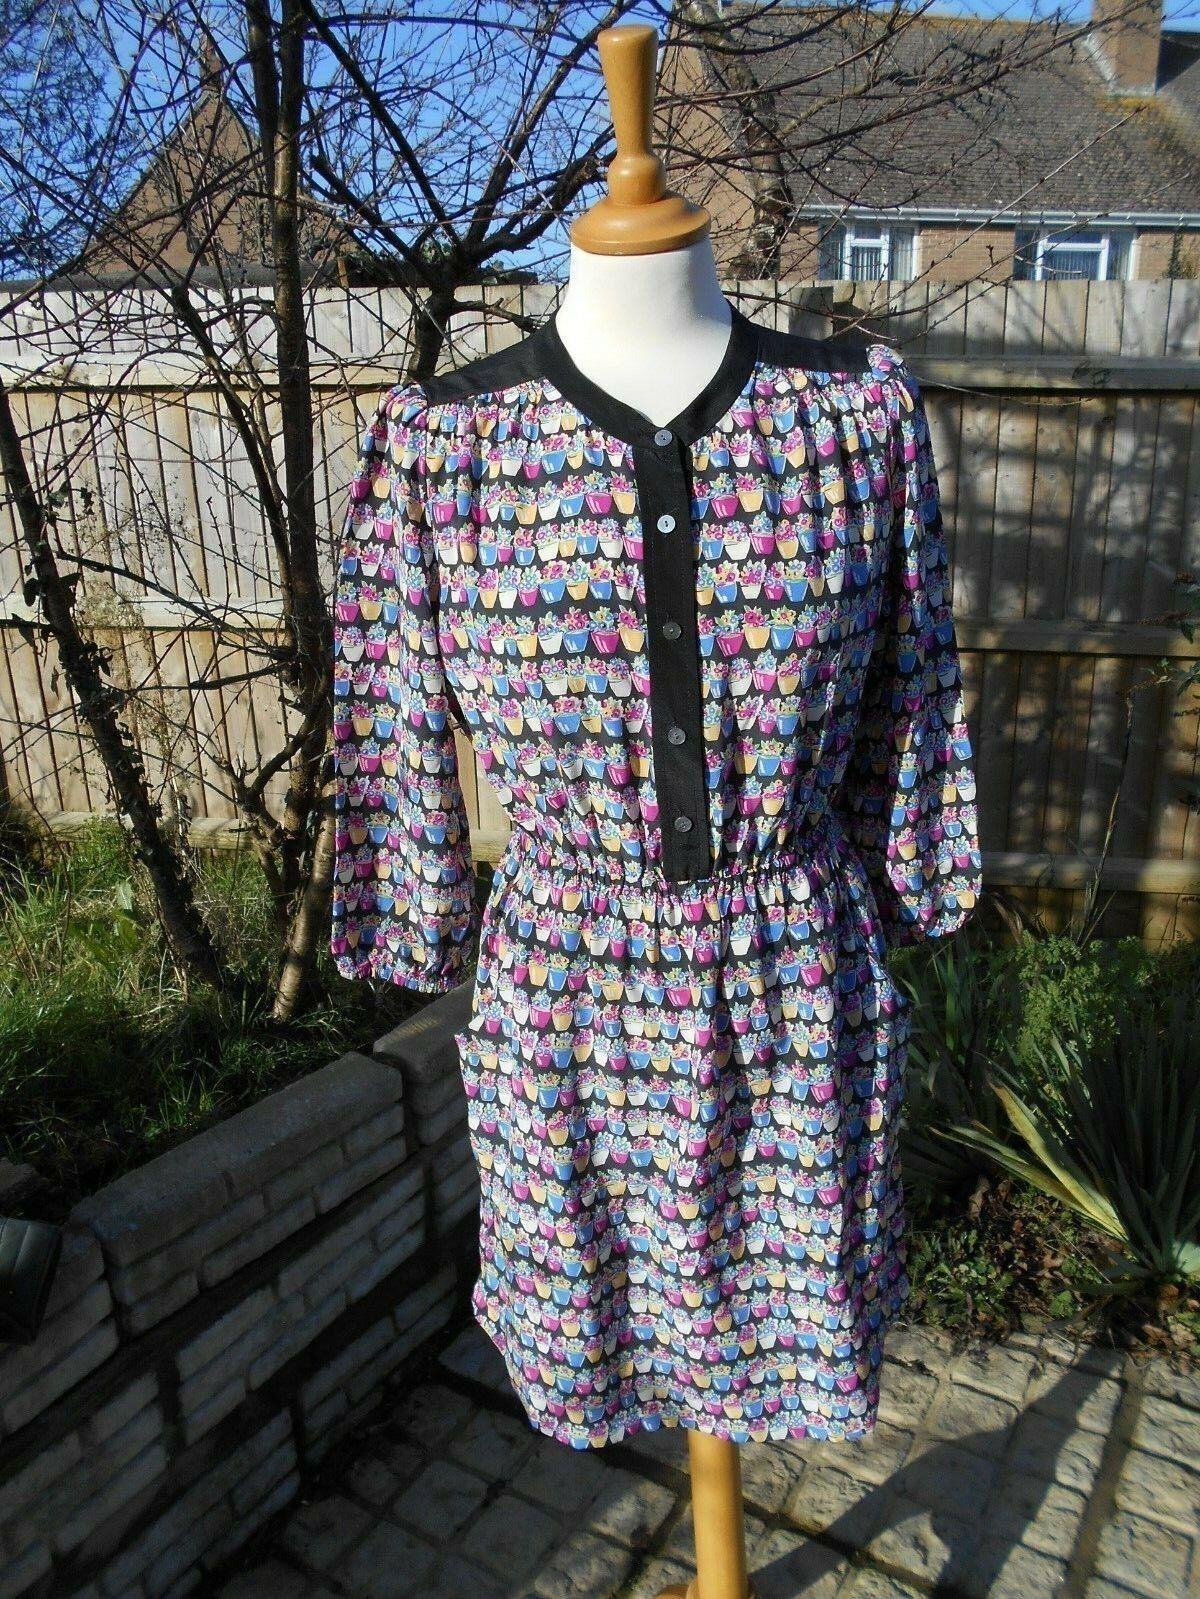 b459462634d9 Marilyn Moore London 100% SETA Vaso da fiori vestito vestito vestito molto  elegante Corse Taglia 8 nuovo senza etichetta 23b46e